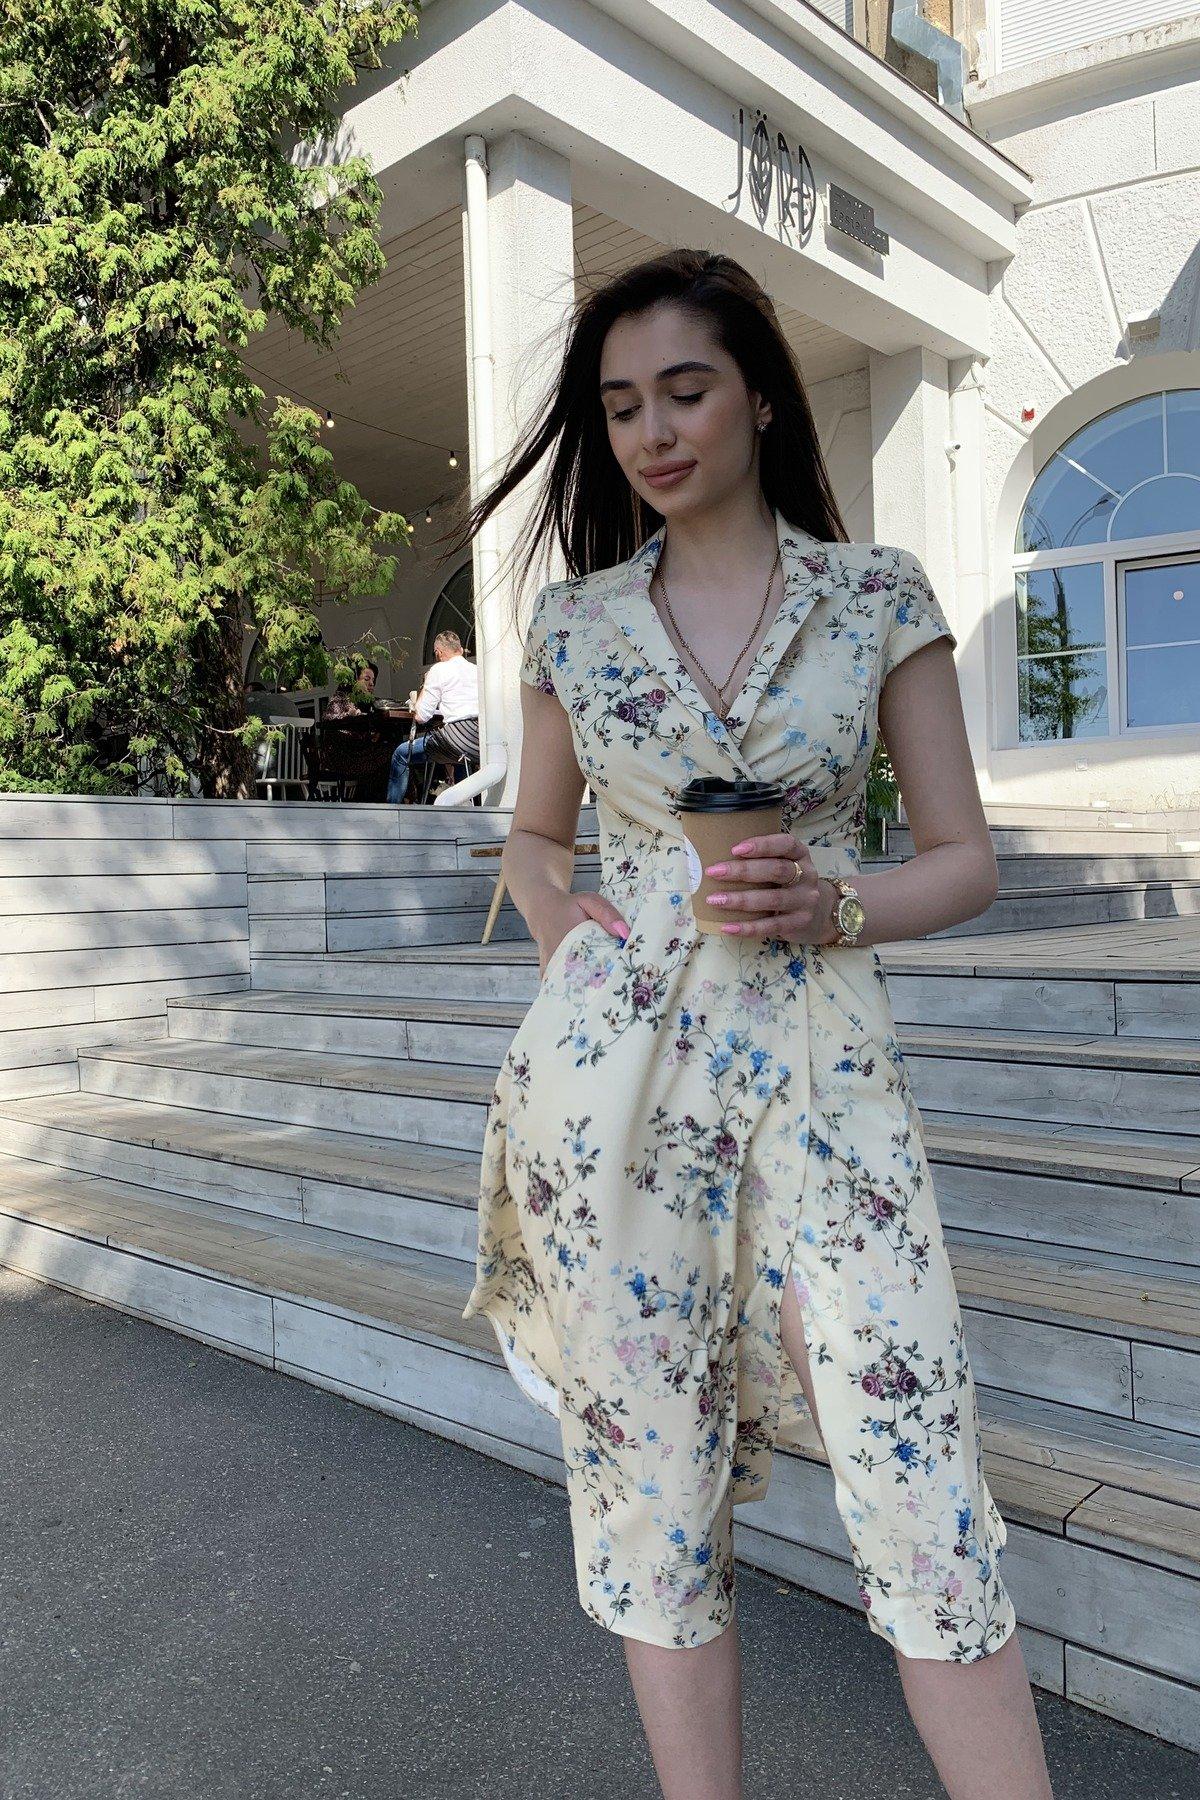 Платье Малья 9088 АРТ. 45704 Цвет: Цветы комби св.беж/голуб - фото 1, интернет магазин tm-modus.ru